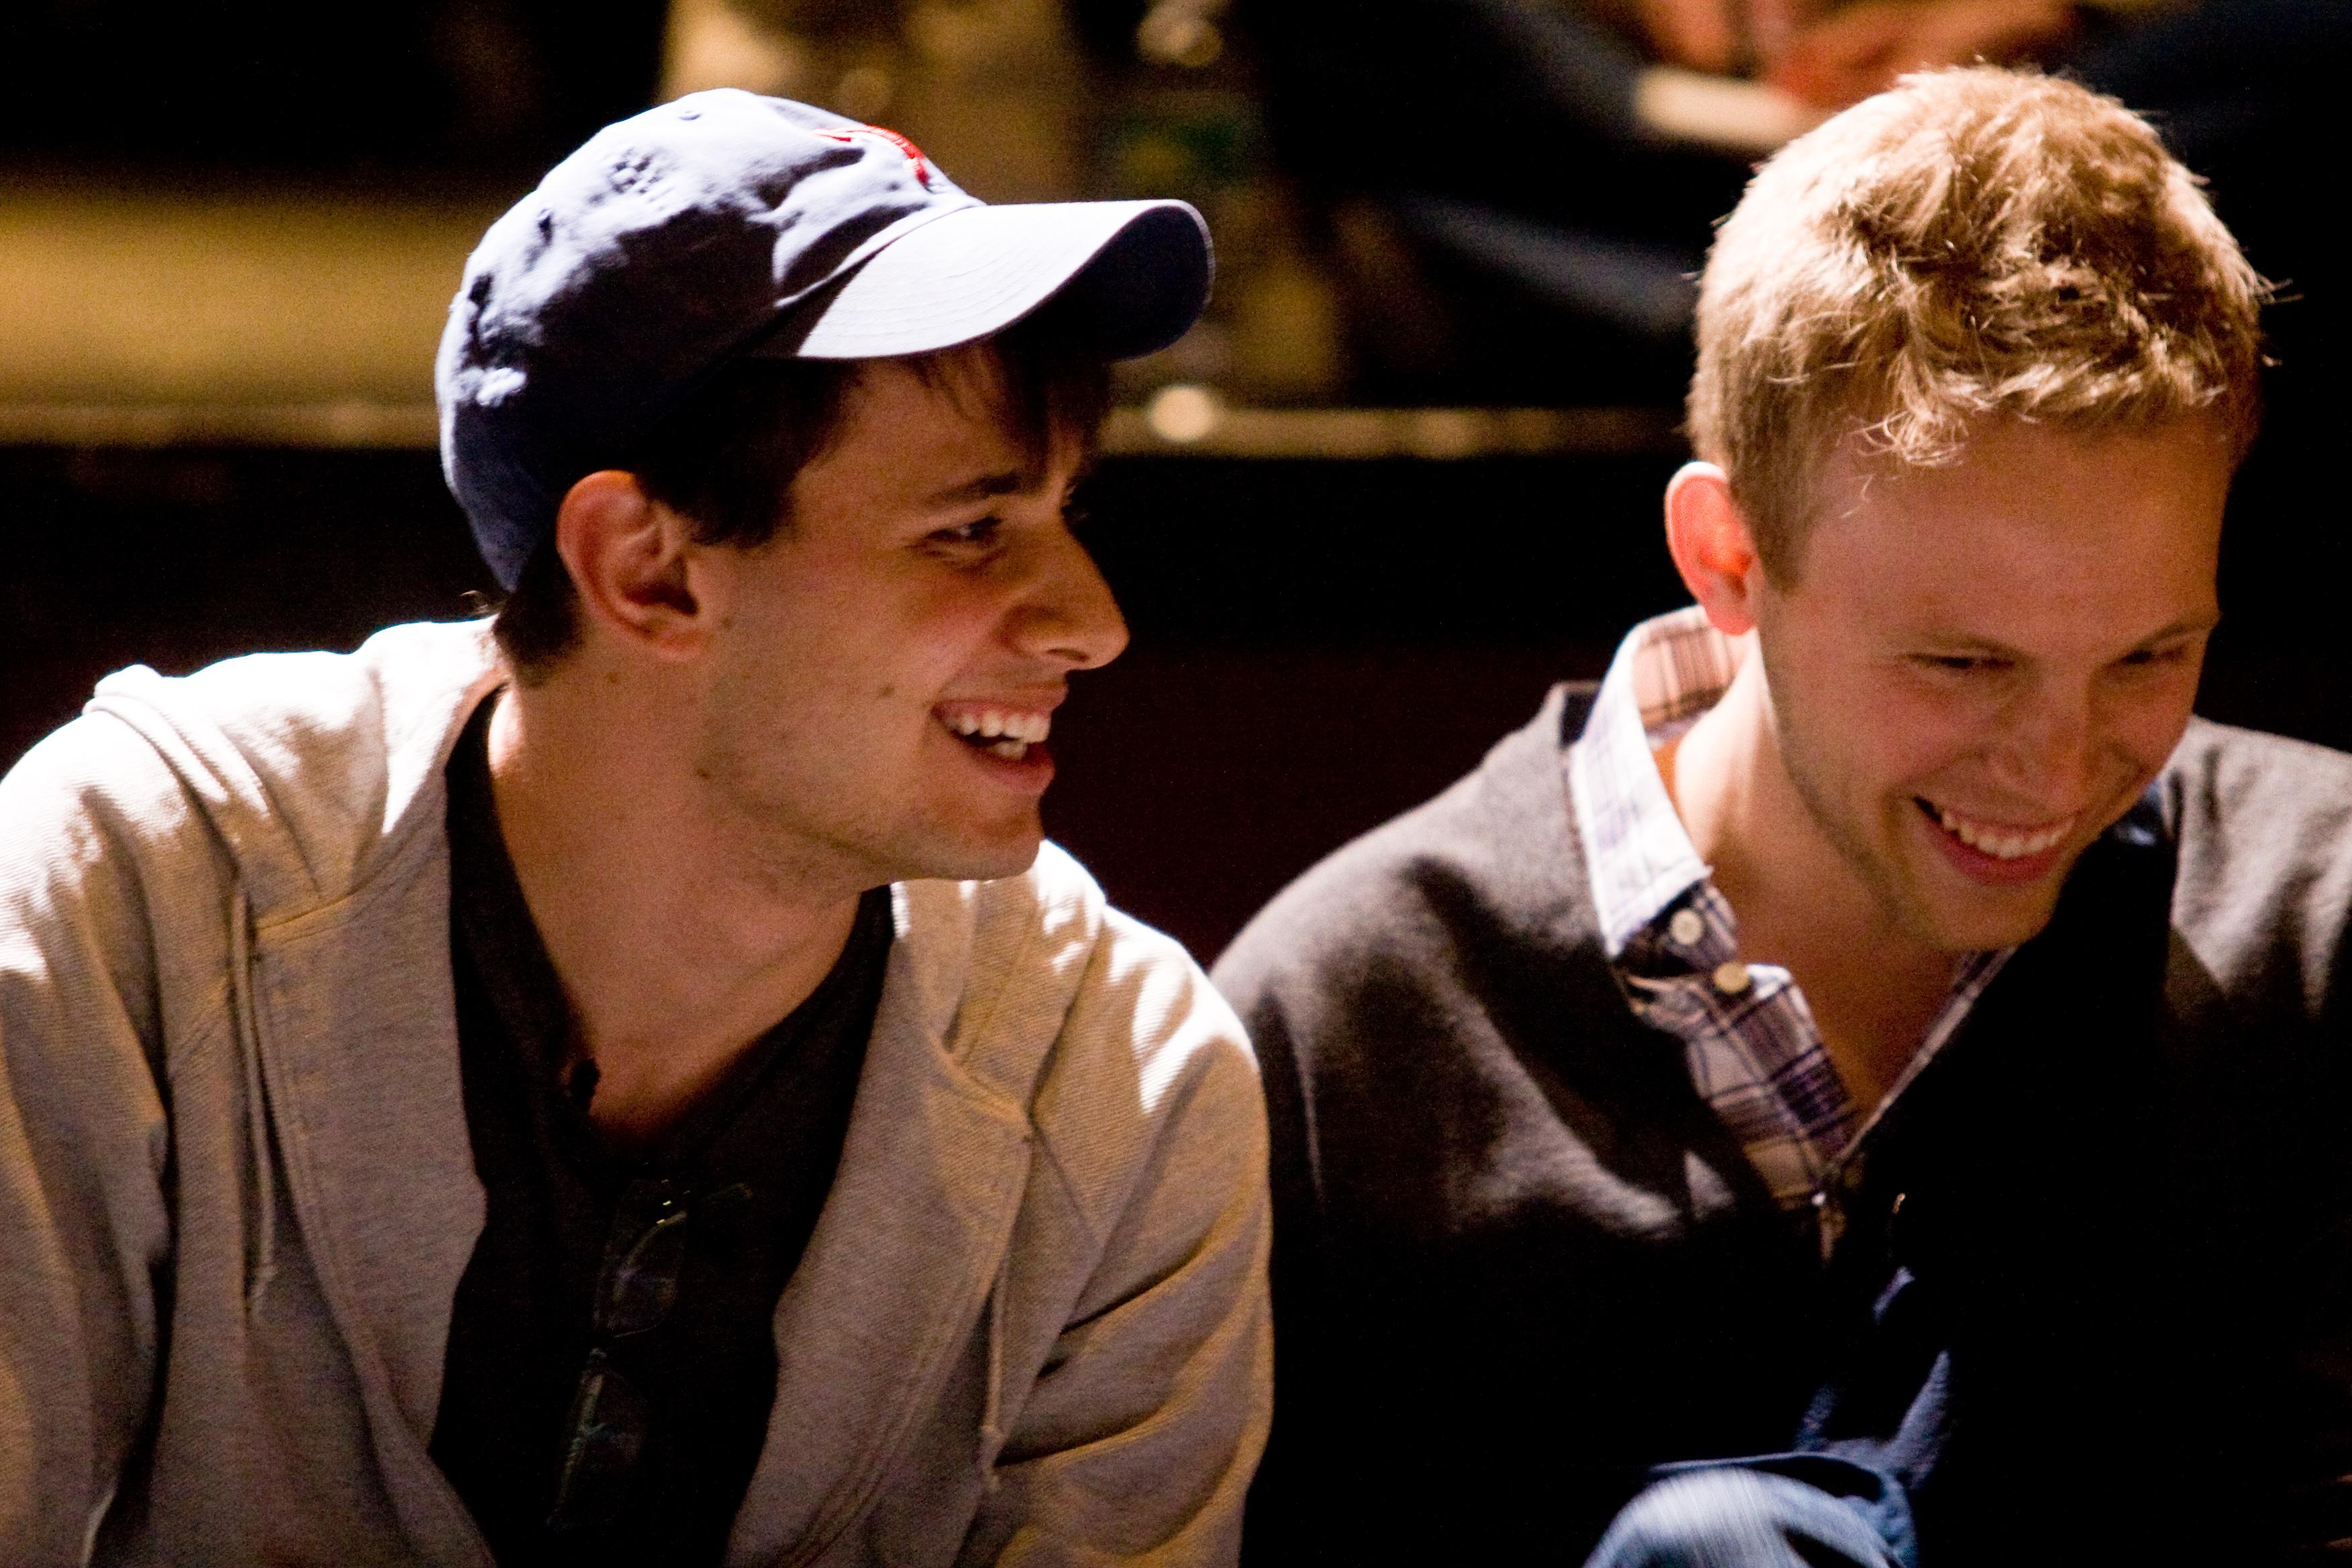 Composers Benj Pasek and Justin Paul